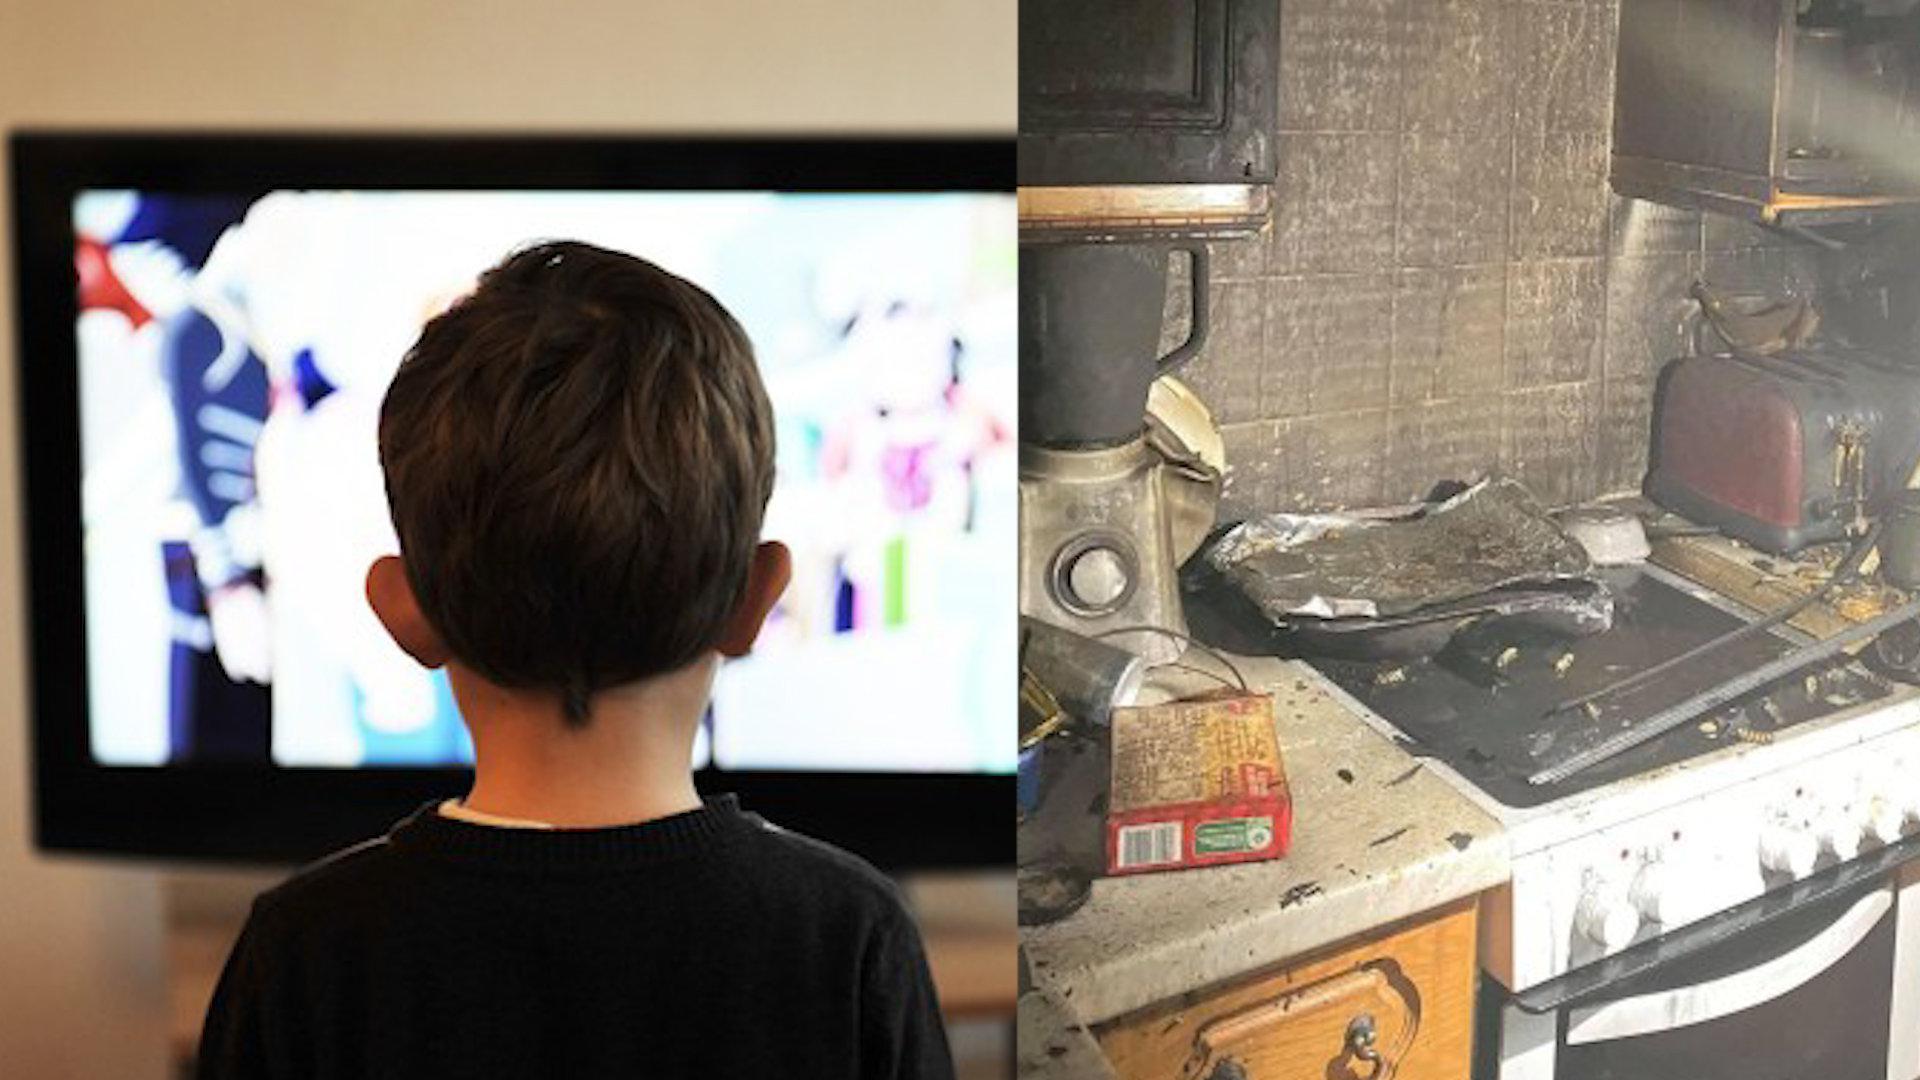 男孩5点起床看电视遭家人取笑,某天早起发现烘干机起火救下全家